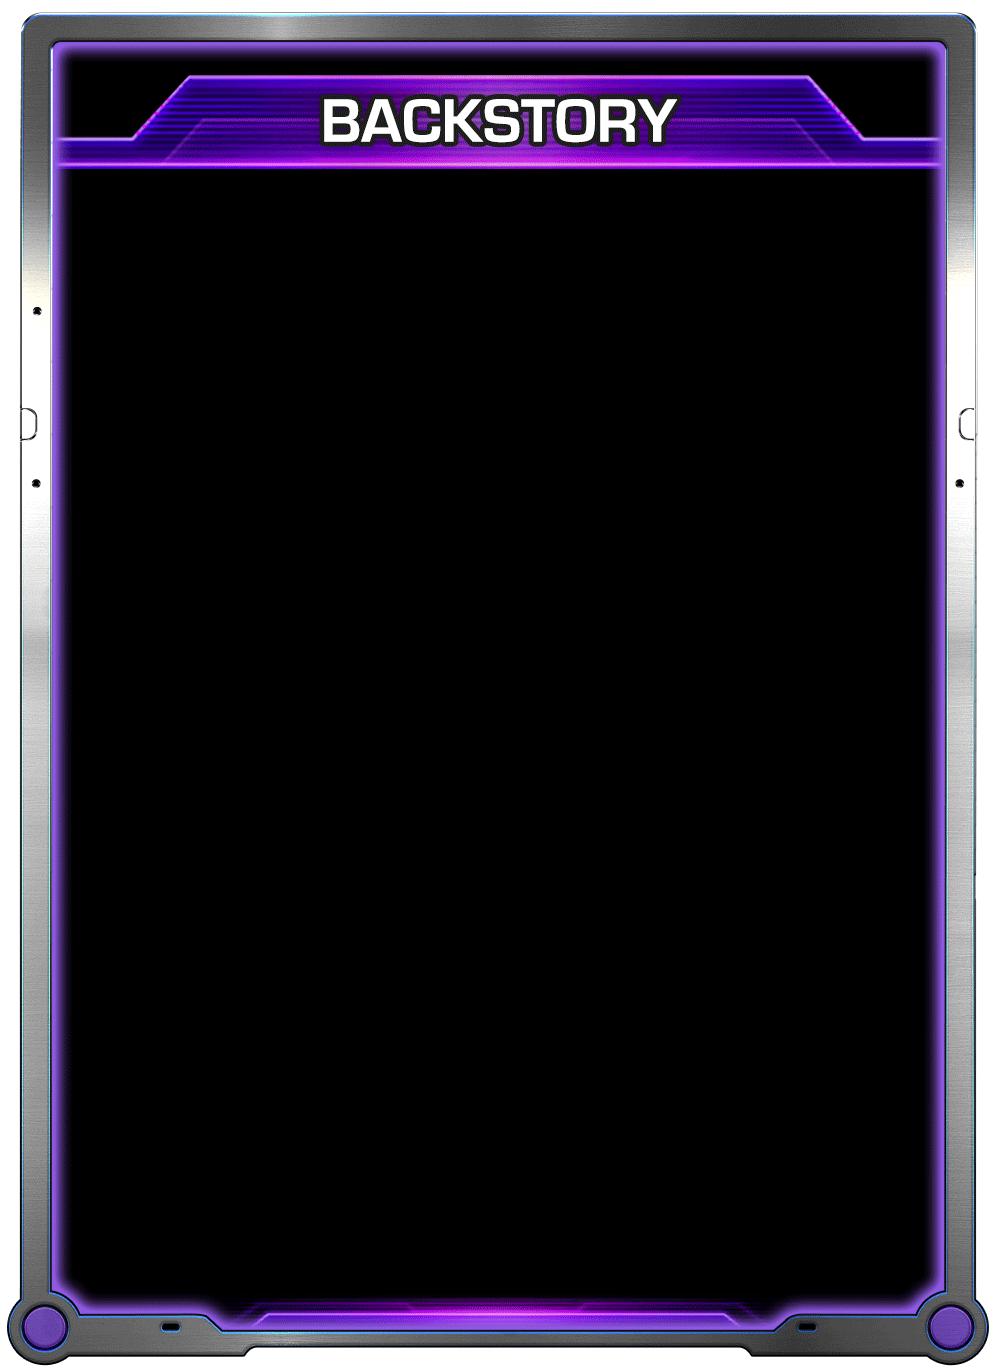 Backstory-Frame.png